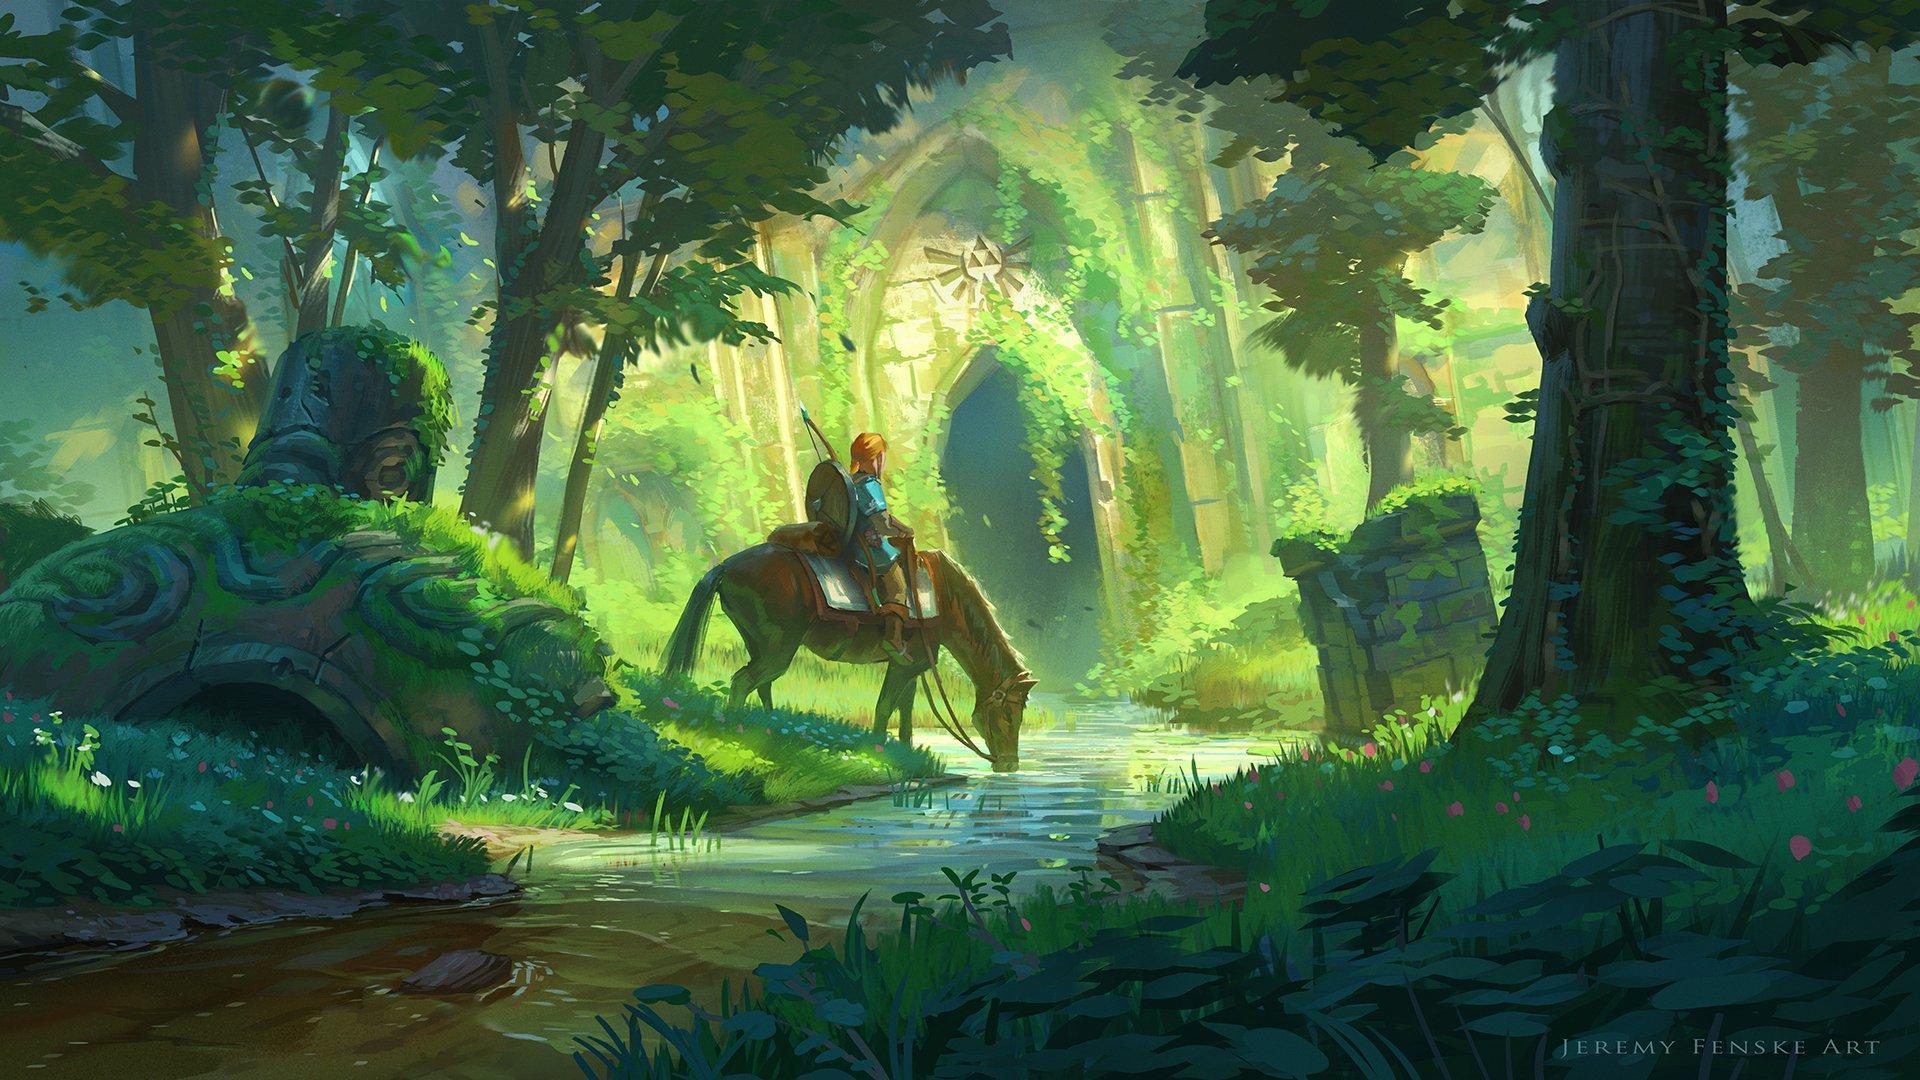 有没有《塞尔达传说:旷野之息》的高清壁纸?